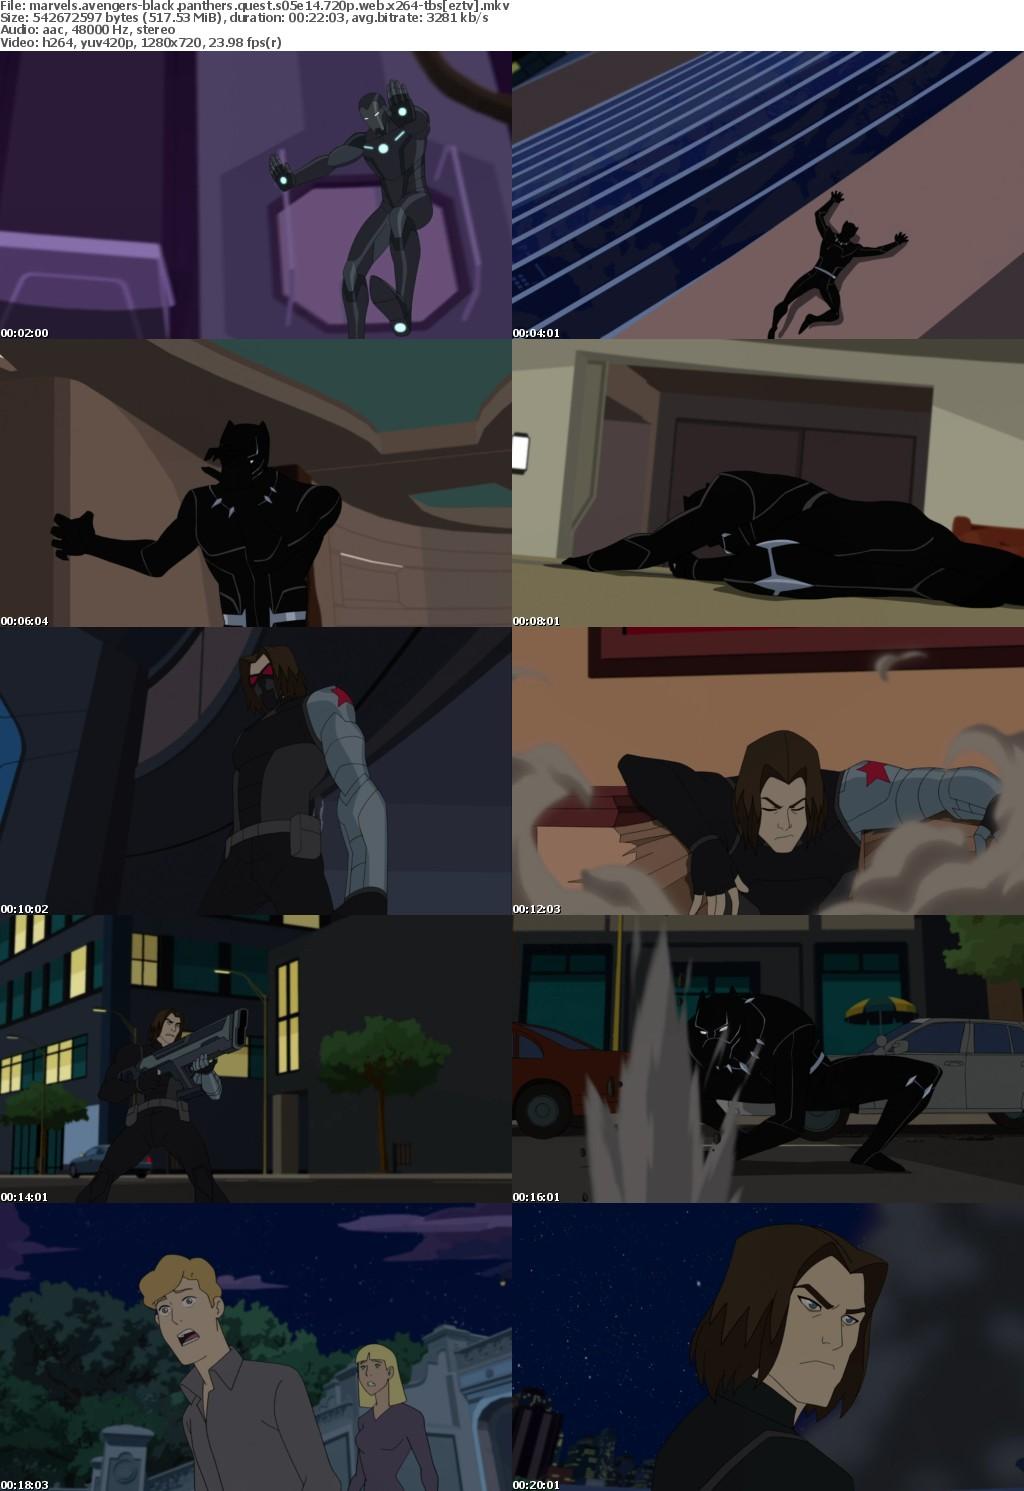 Marvels Avengers-Black Panthers Quest S05E14 720p WEB x264-TBS